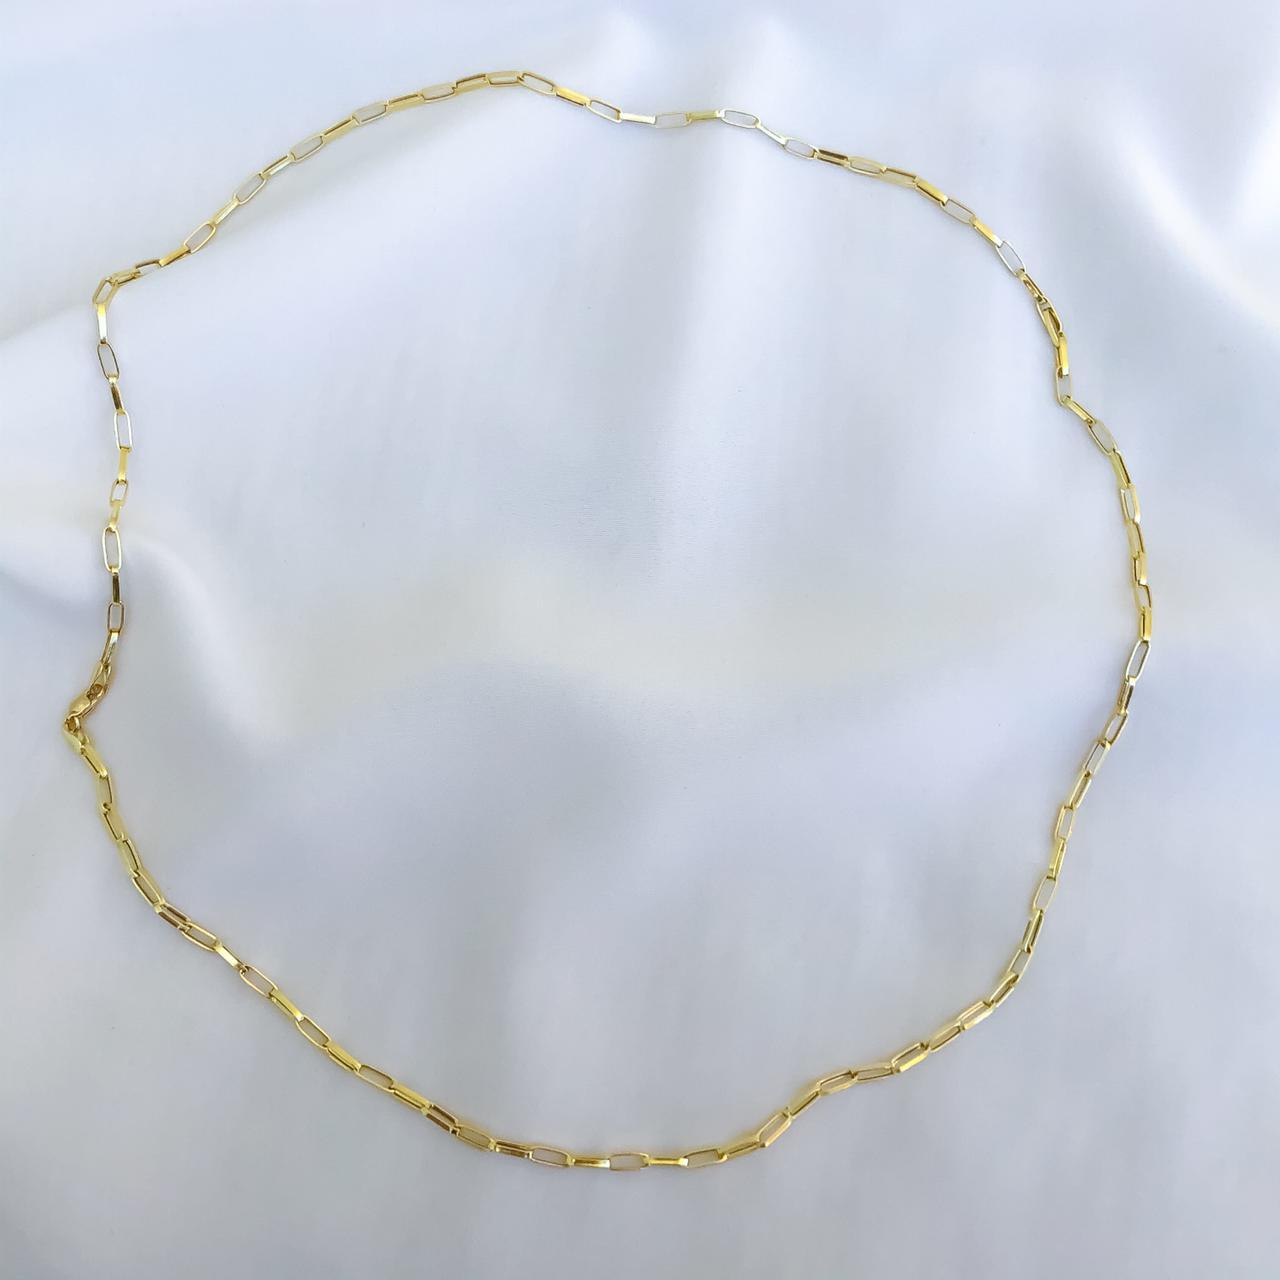 Corrente Cartier em Ouro 18K 60cm